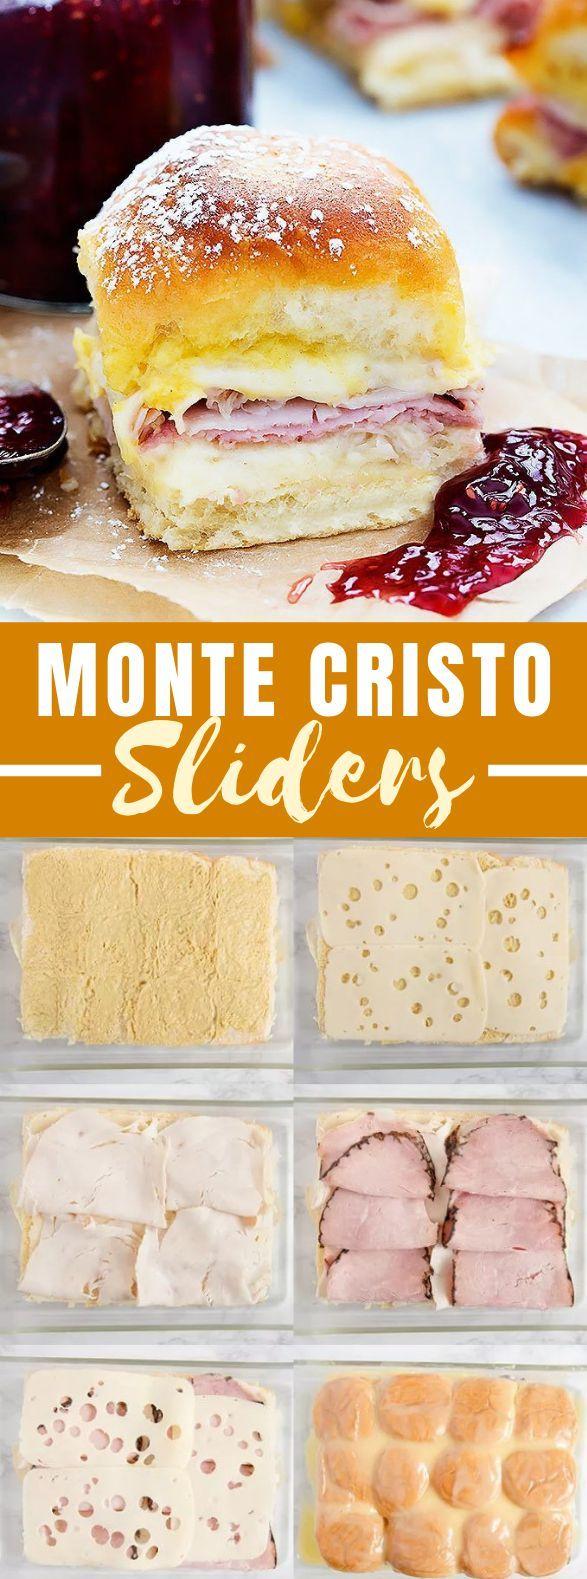 MONTE CRISTO SLIDERS #dinner #sandwiches